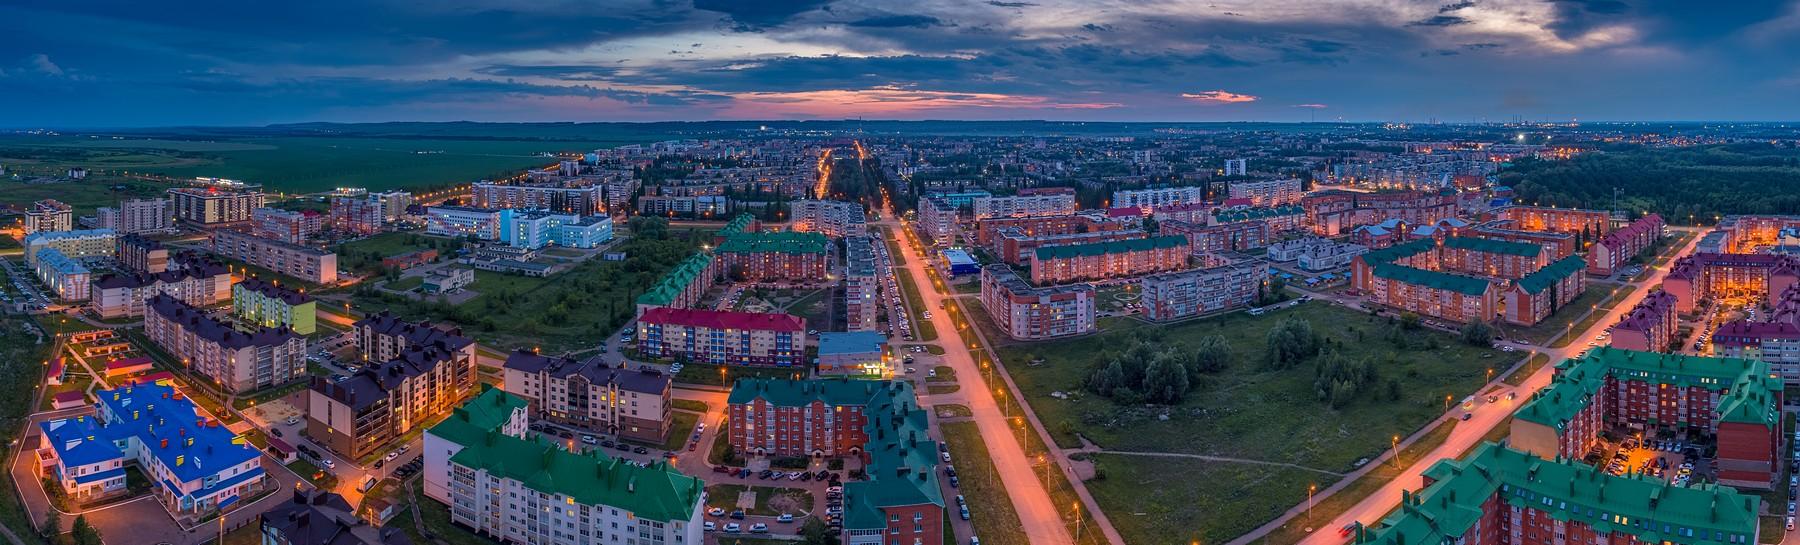 Салават с высоты. город как на ладони,фото,аэрофото,аэрофотосъемка,Салават,высота,квадрокоптер,Башкирия,красивые фотографии с высоты,все о городе,dji